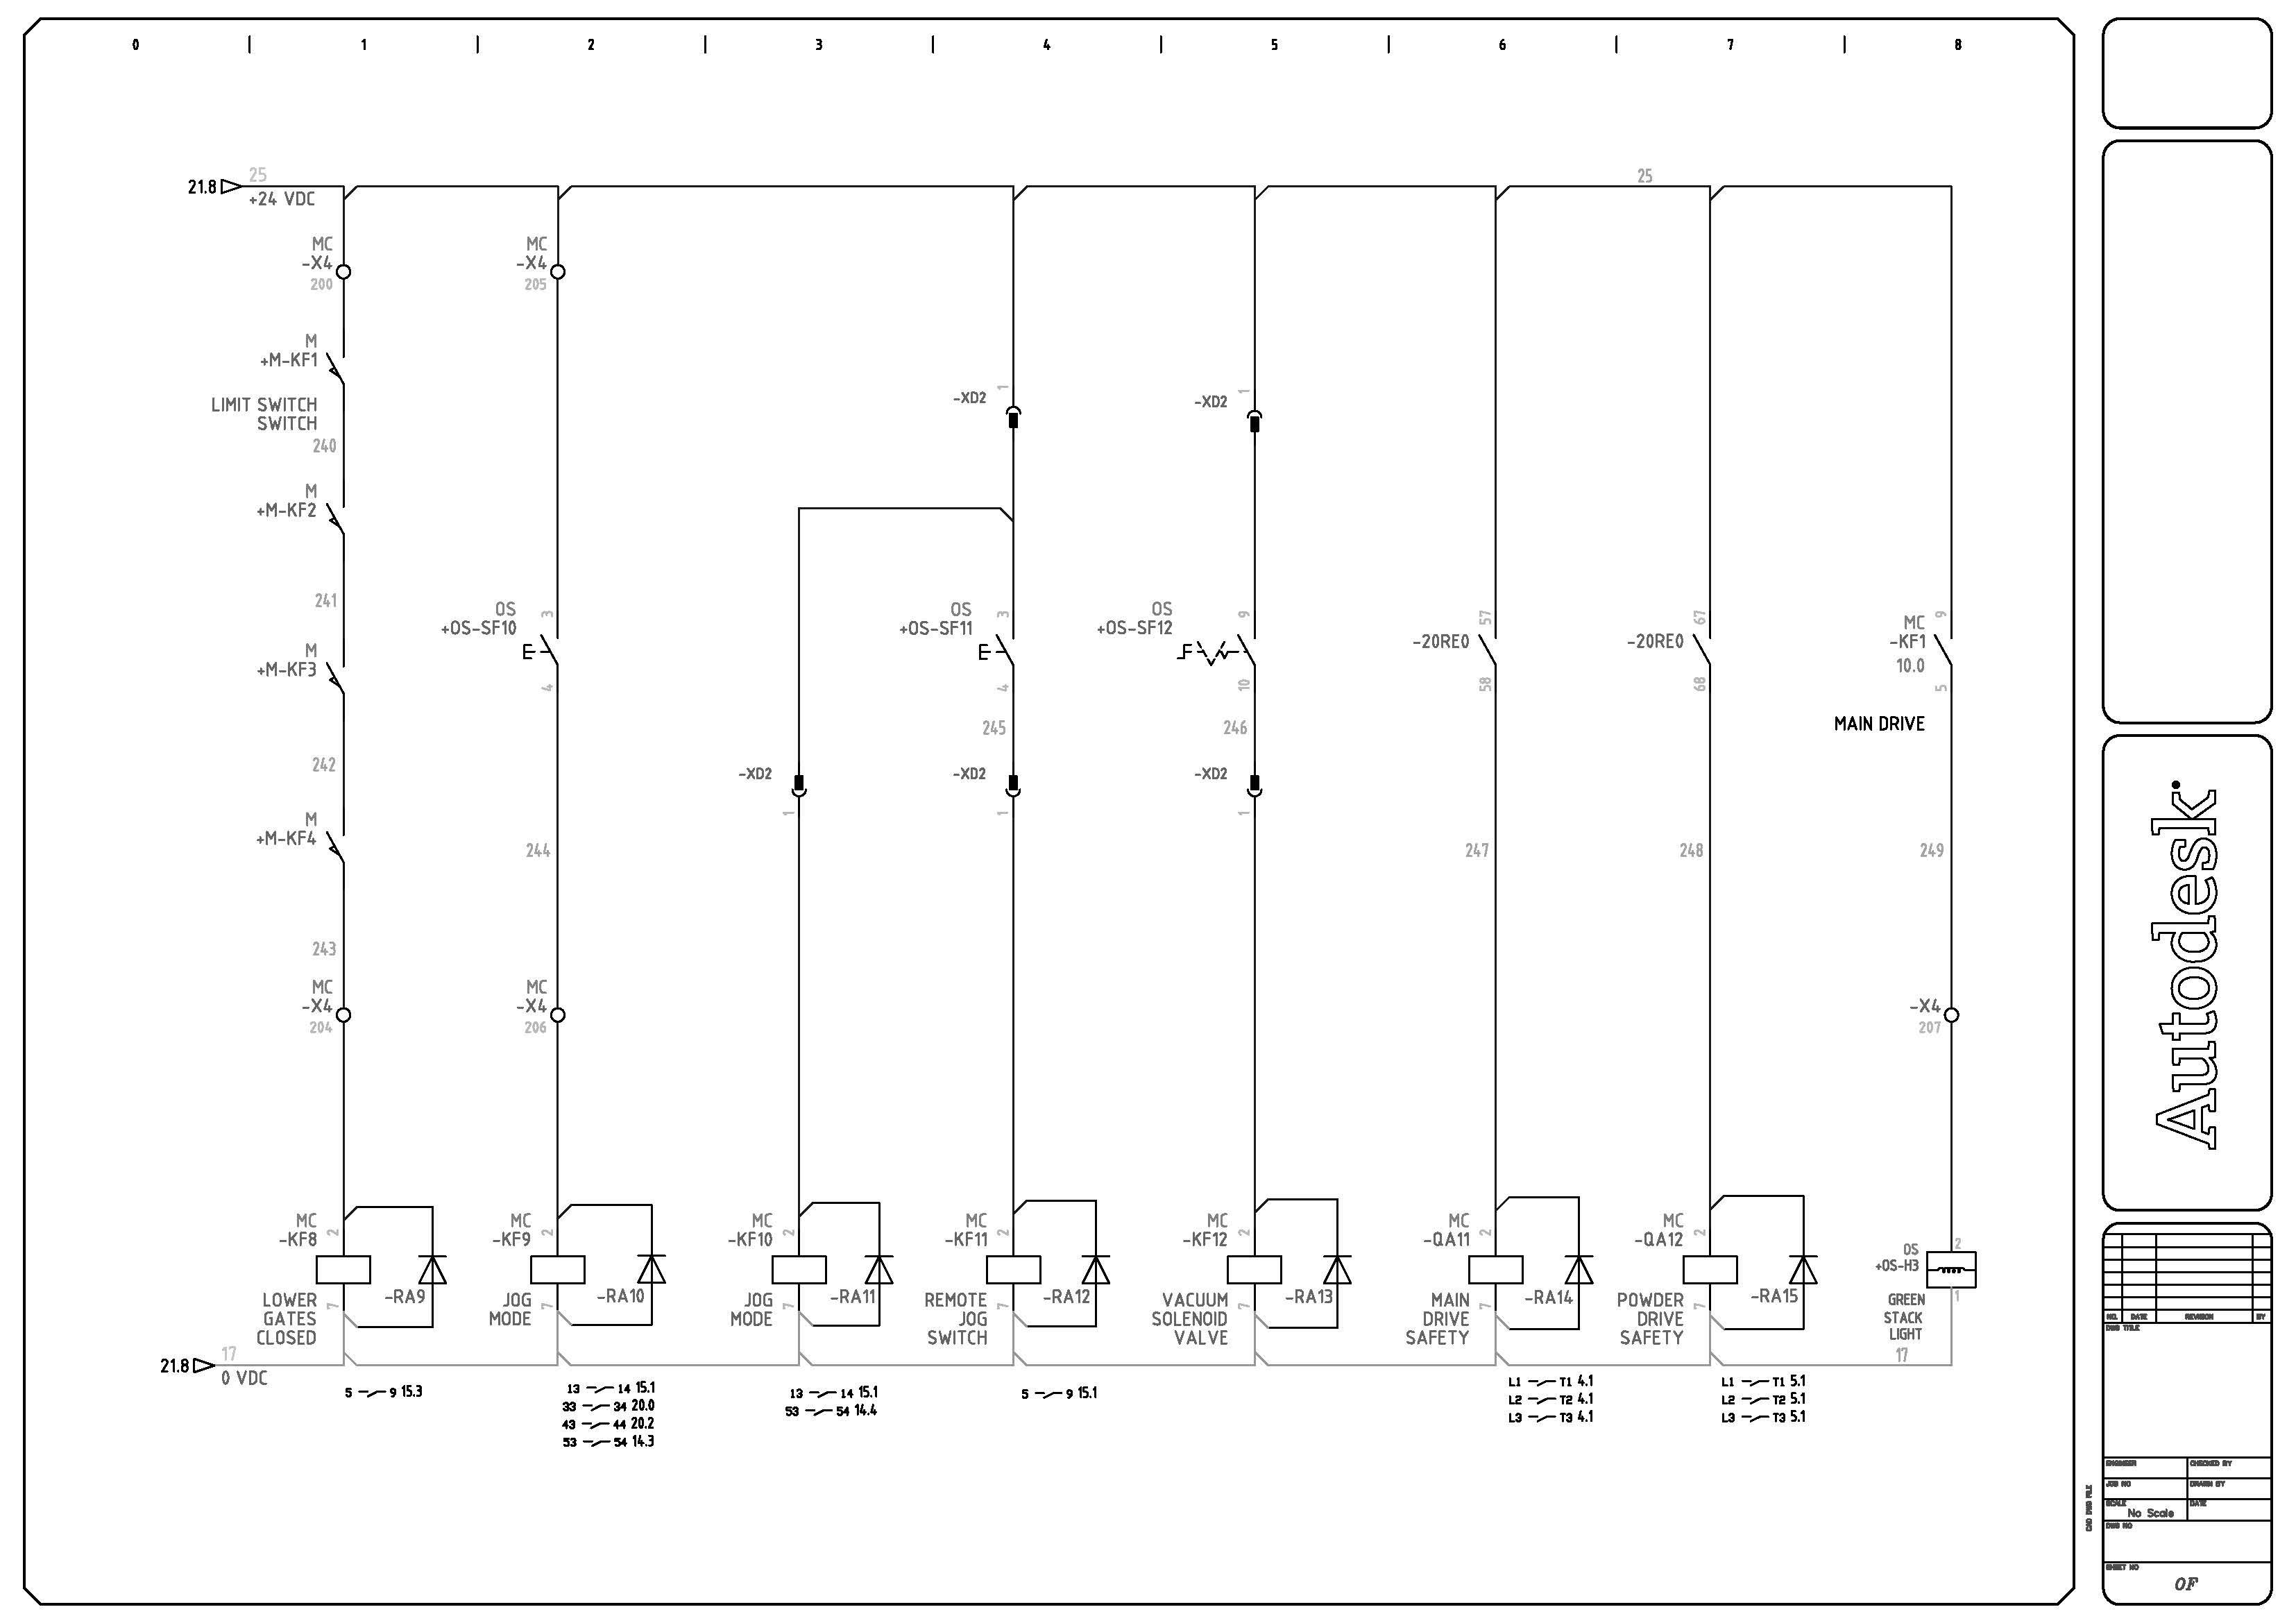 Schema Elettrico Quadro : Edrawing consulenza sviluppo e stesura di schemi